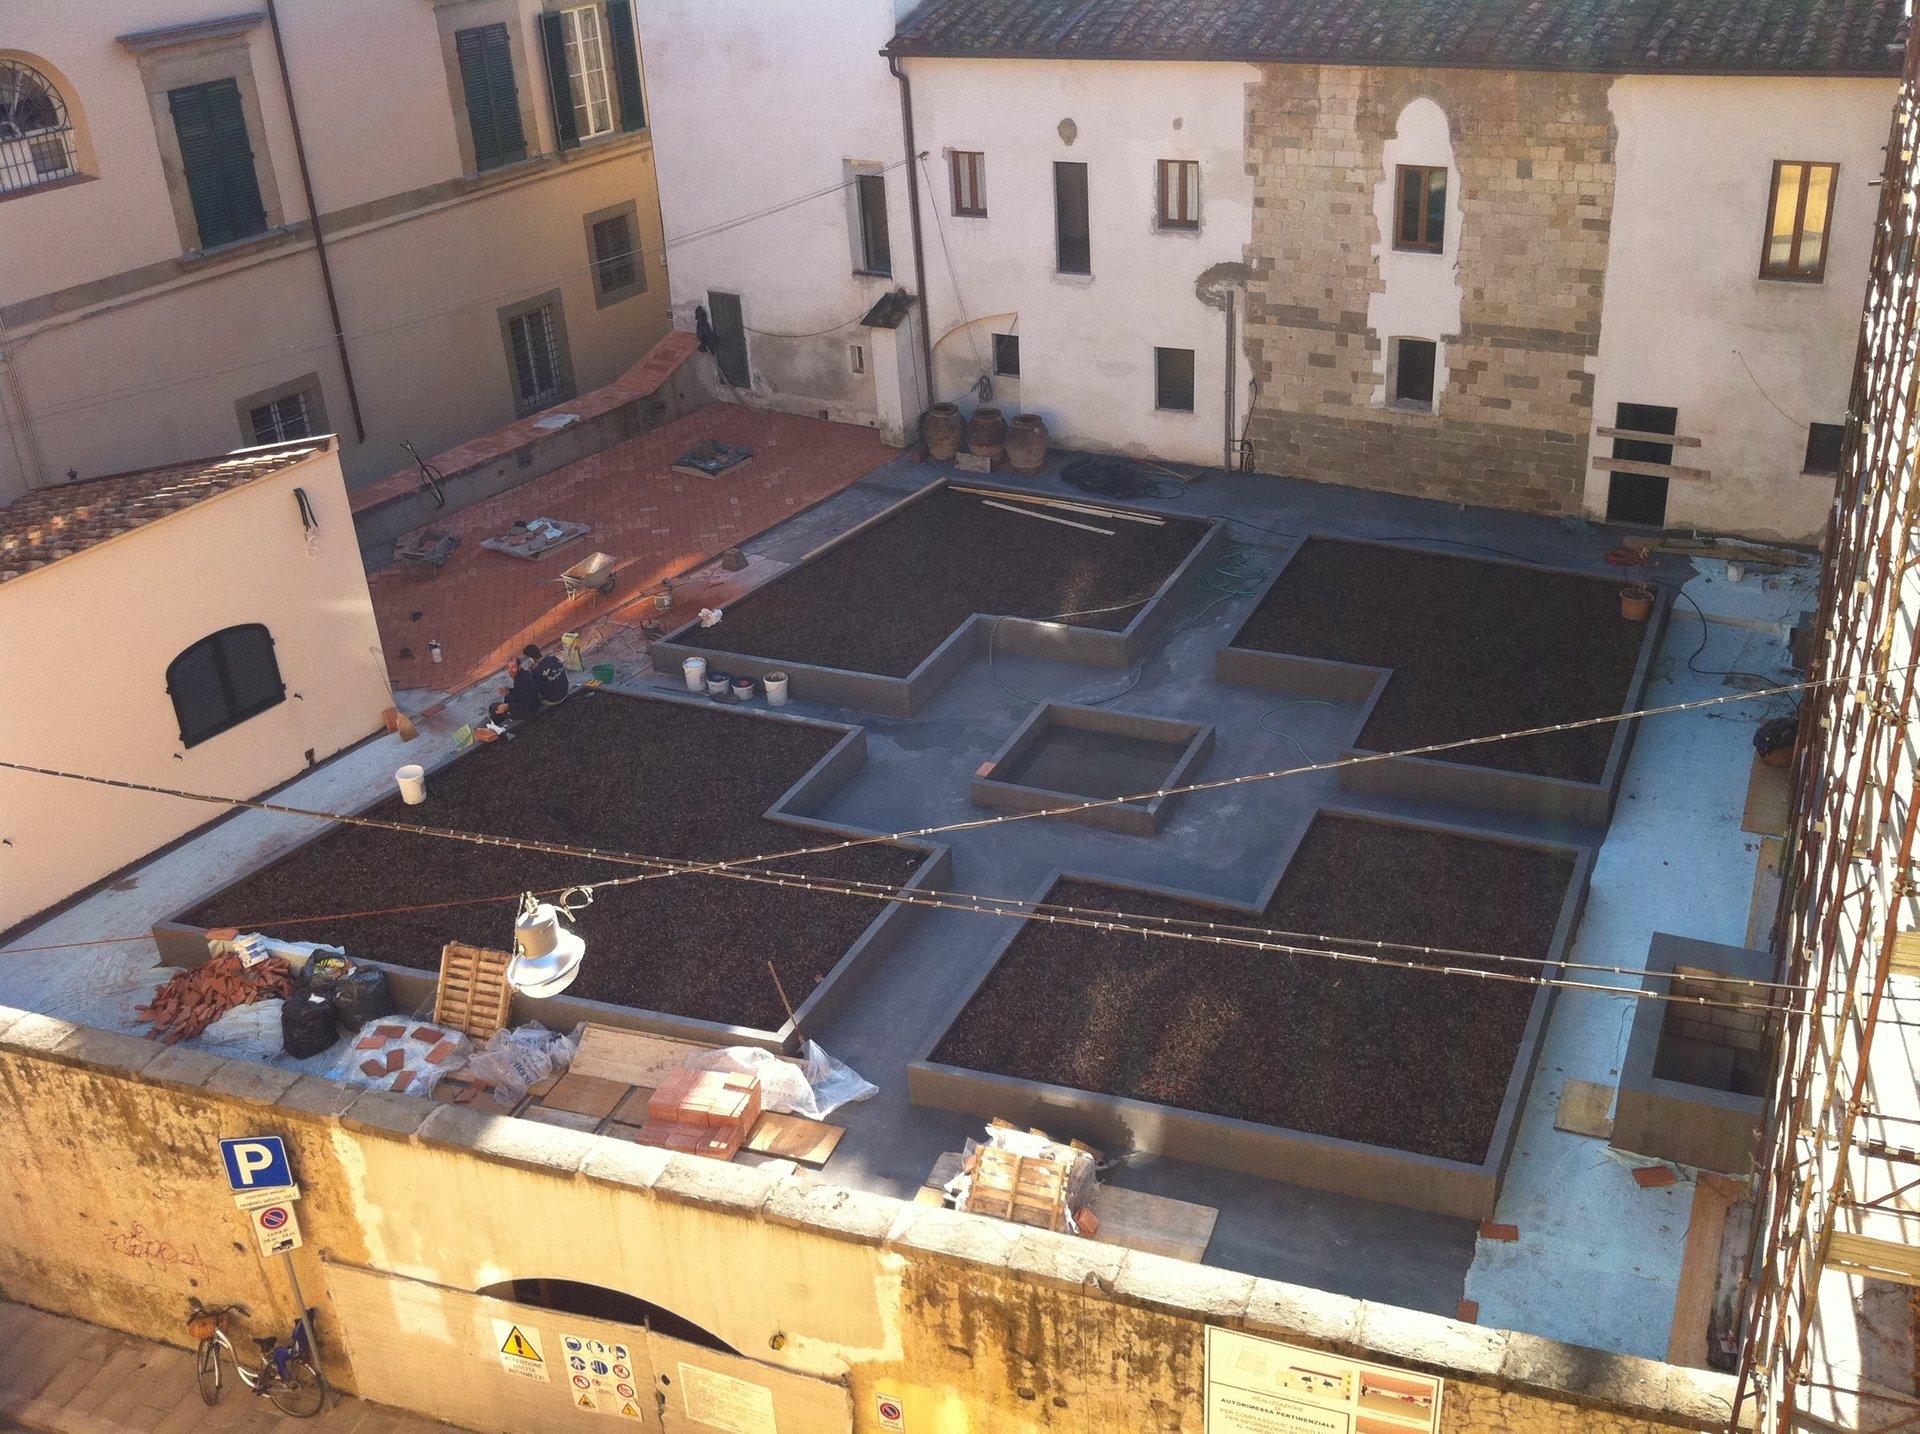 Vista dall'alto delle fondamenta di uno stabile in costruzione e attorno delle case